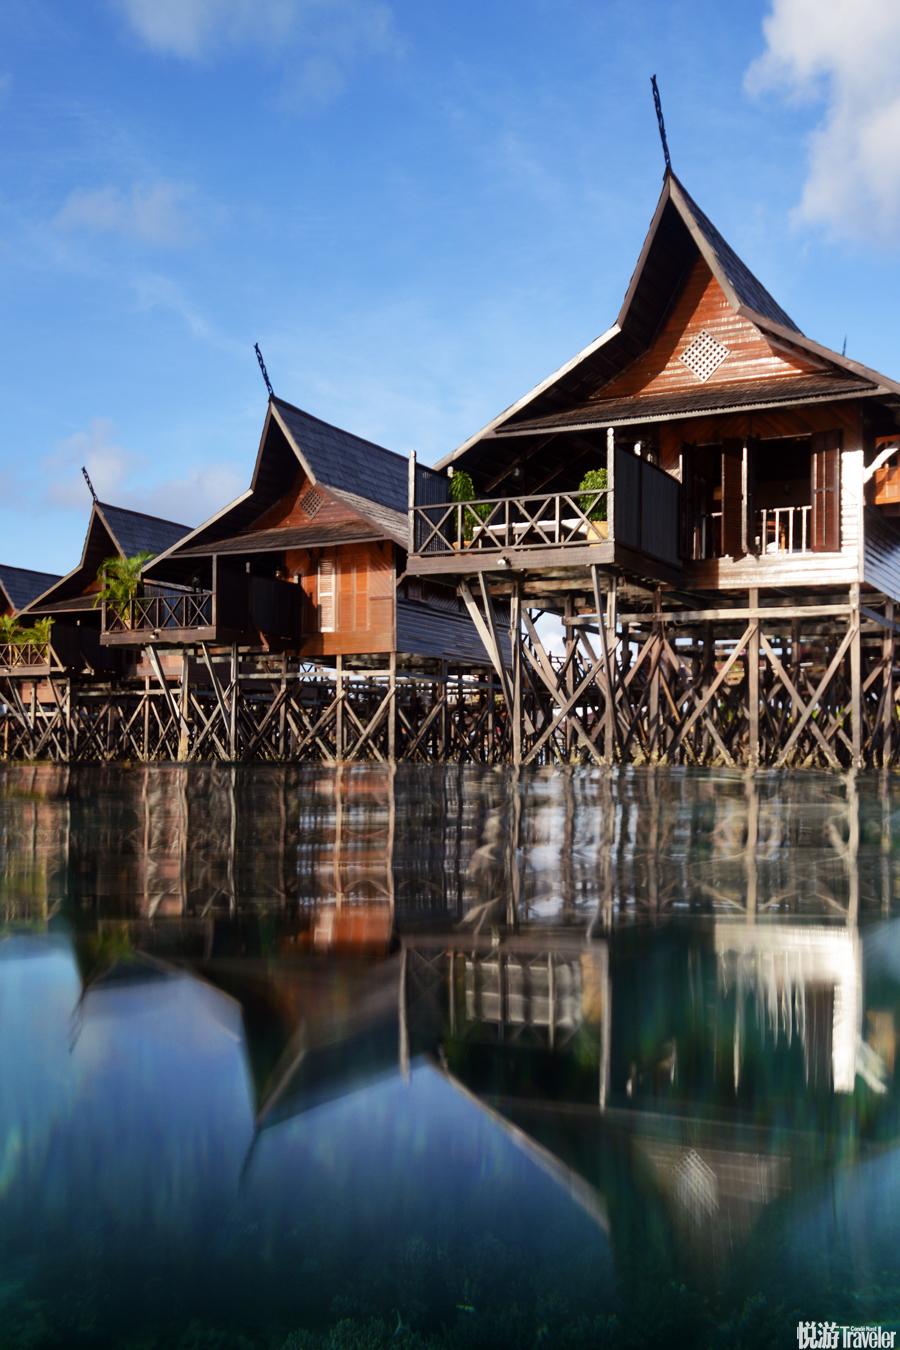 如今,這里已經擁有了50座可享受島景的水上屋。透過木板路的空隙,你可以看到在珊瑚叢中進進出出的彩色珊...